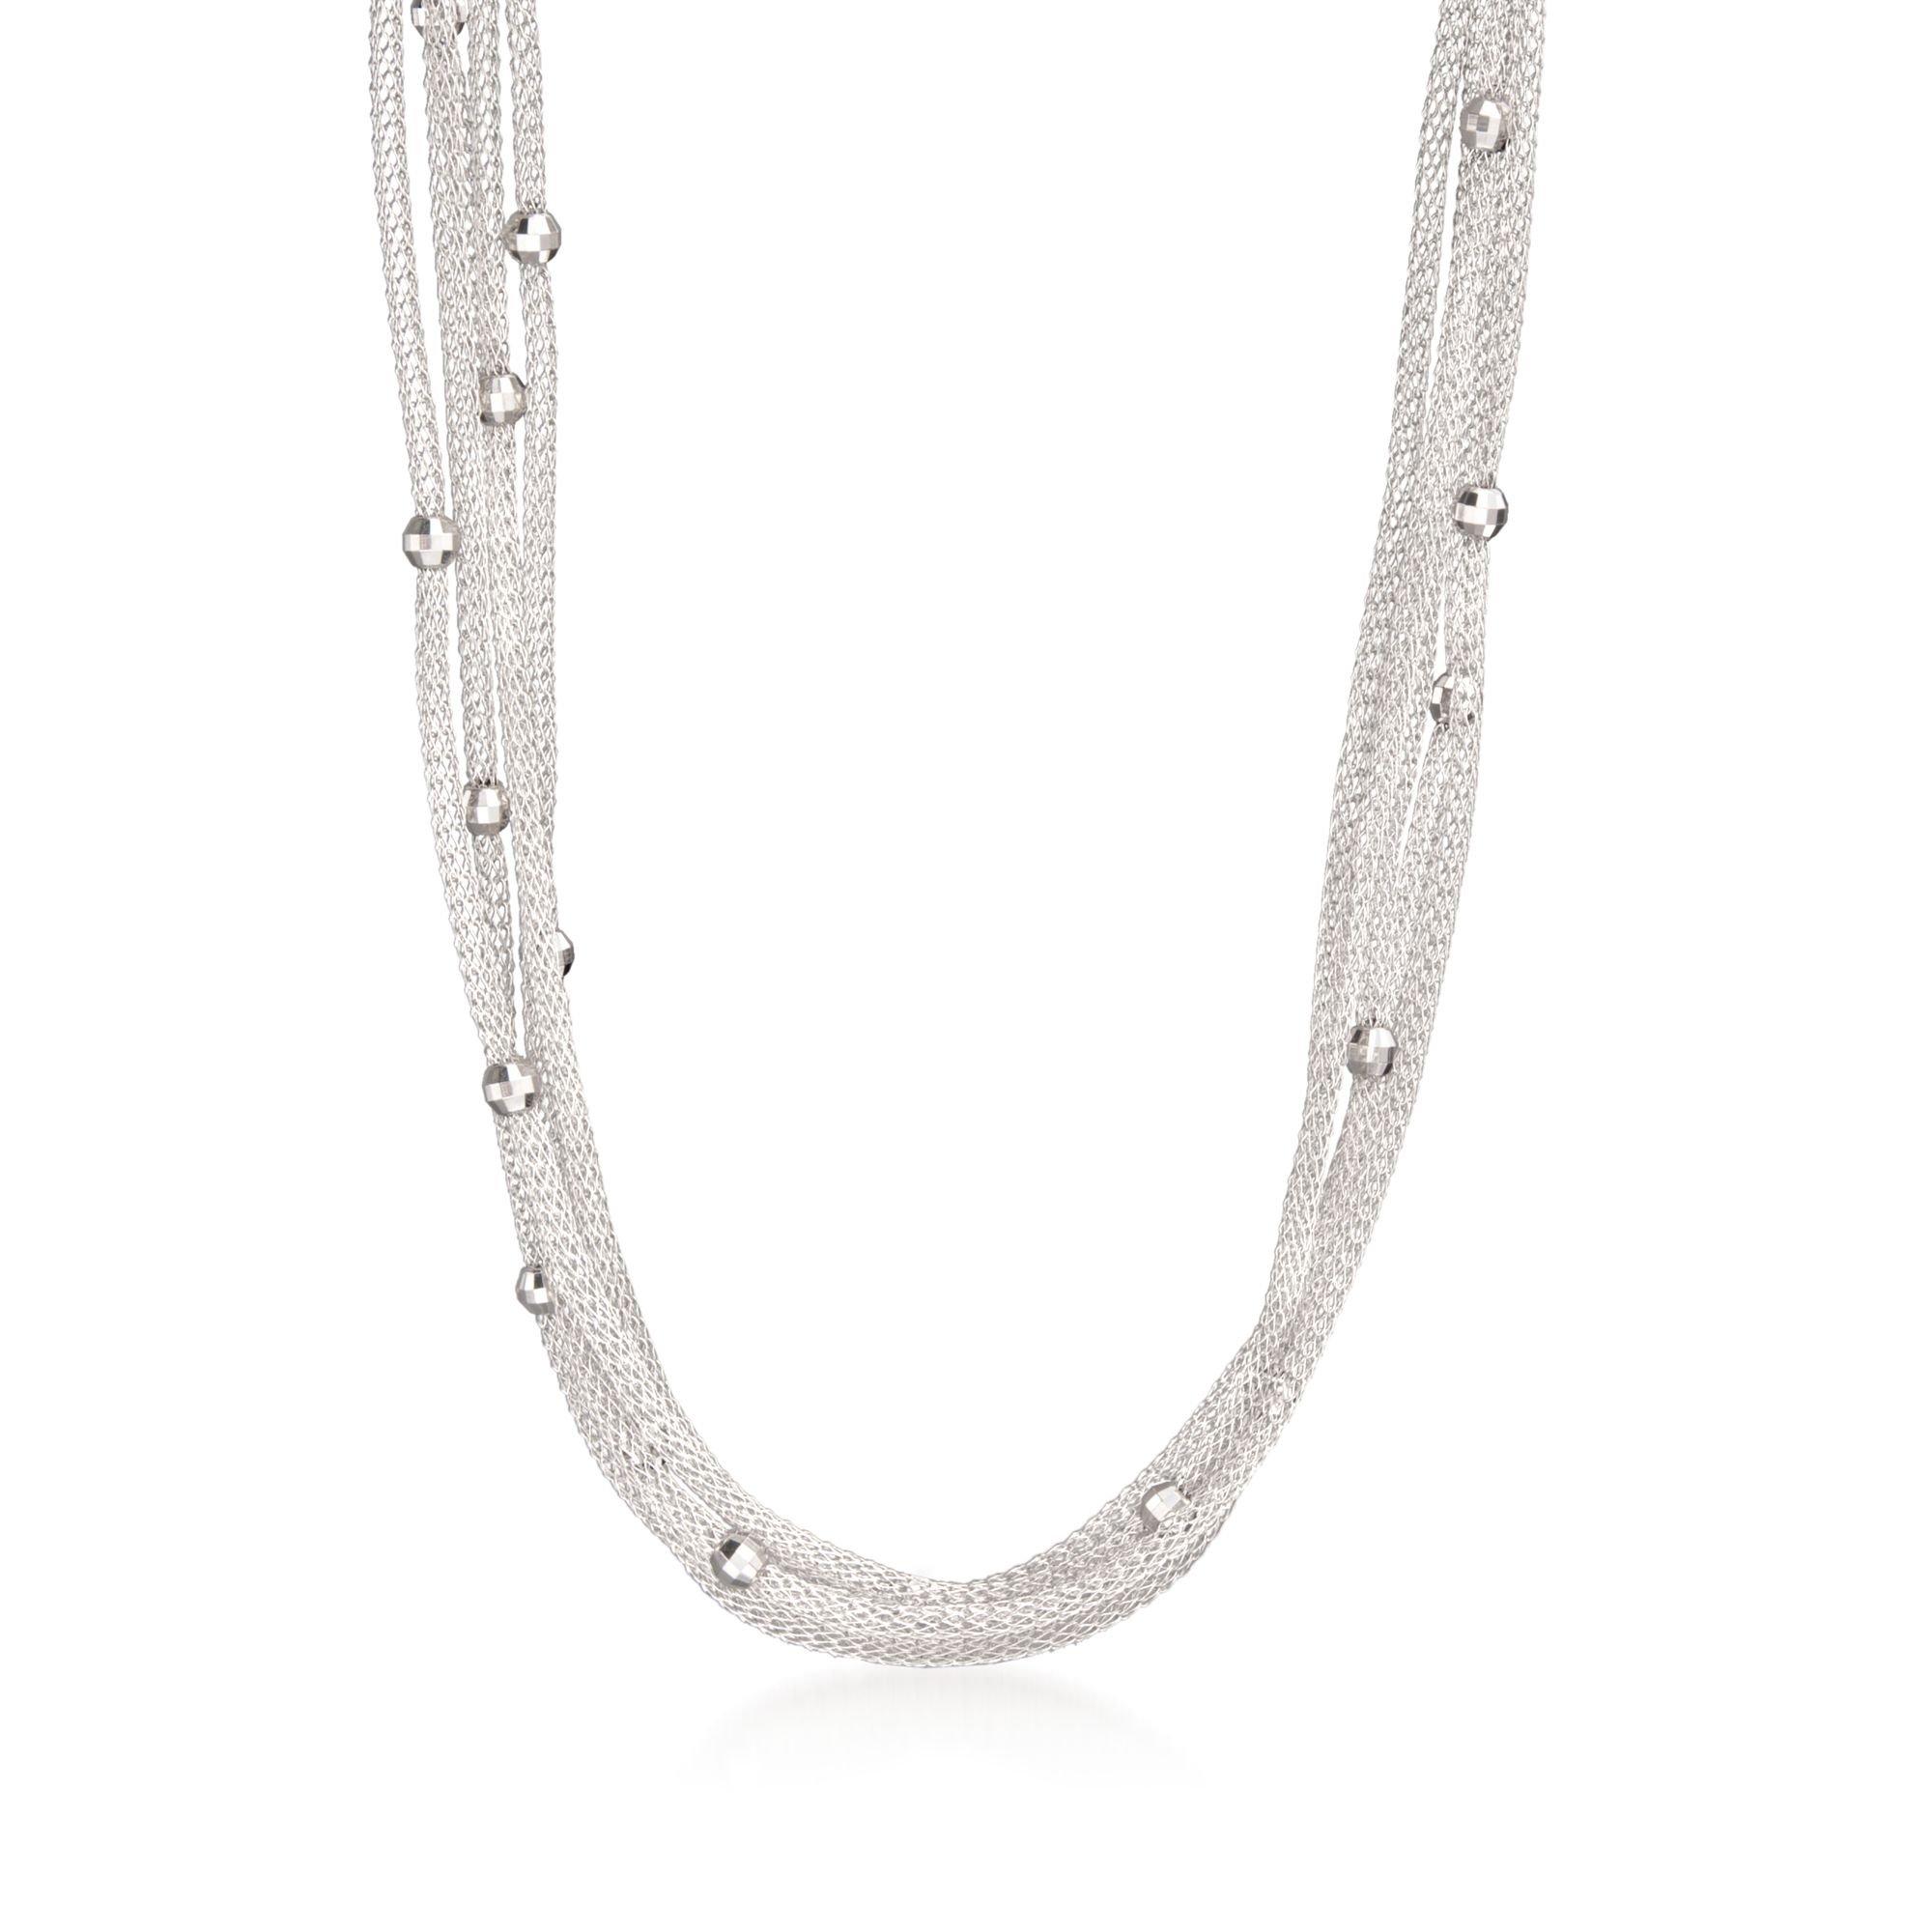 Ross-Simons Italian Sterling Silver 5-Strand Beaded Mesh Necklace by Ross-Simons